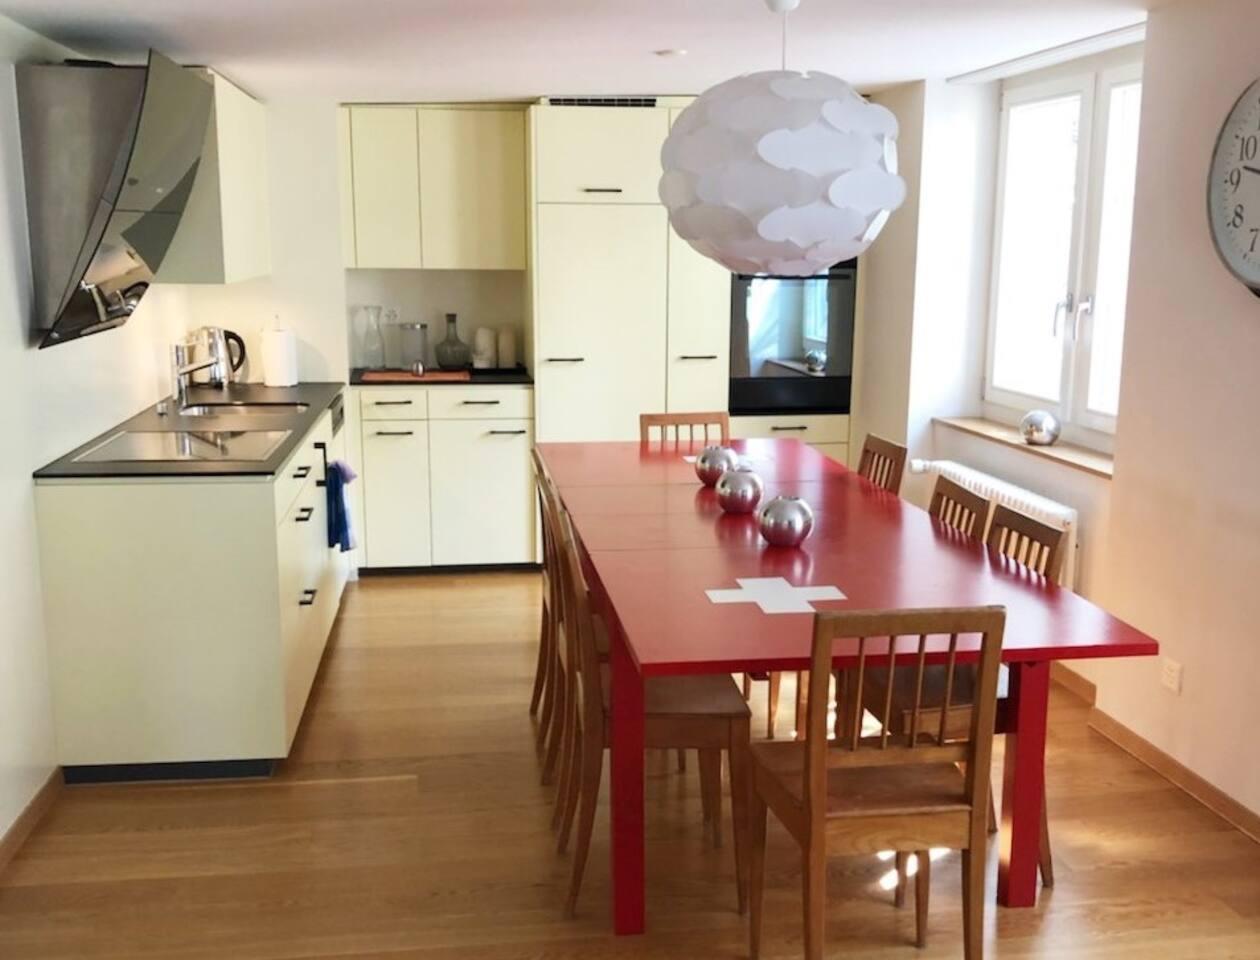 Wohnküche mit Herd, Backofen, Spühlmaschine voll ausgerüstet.